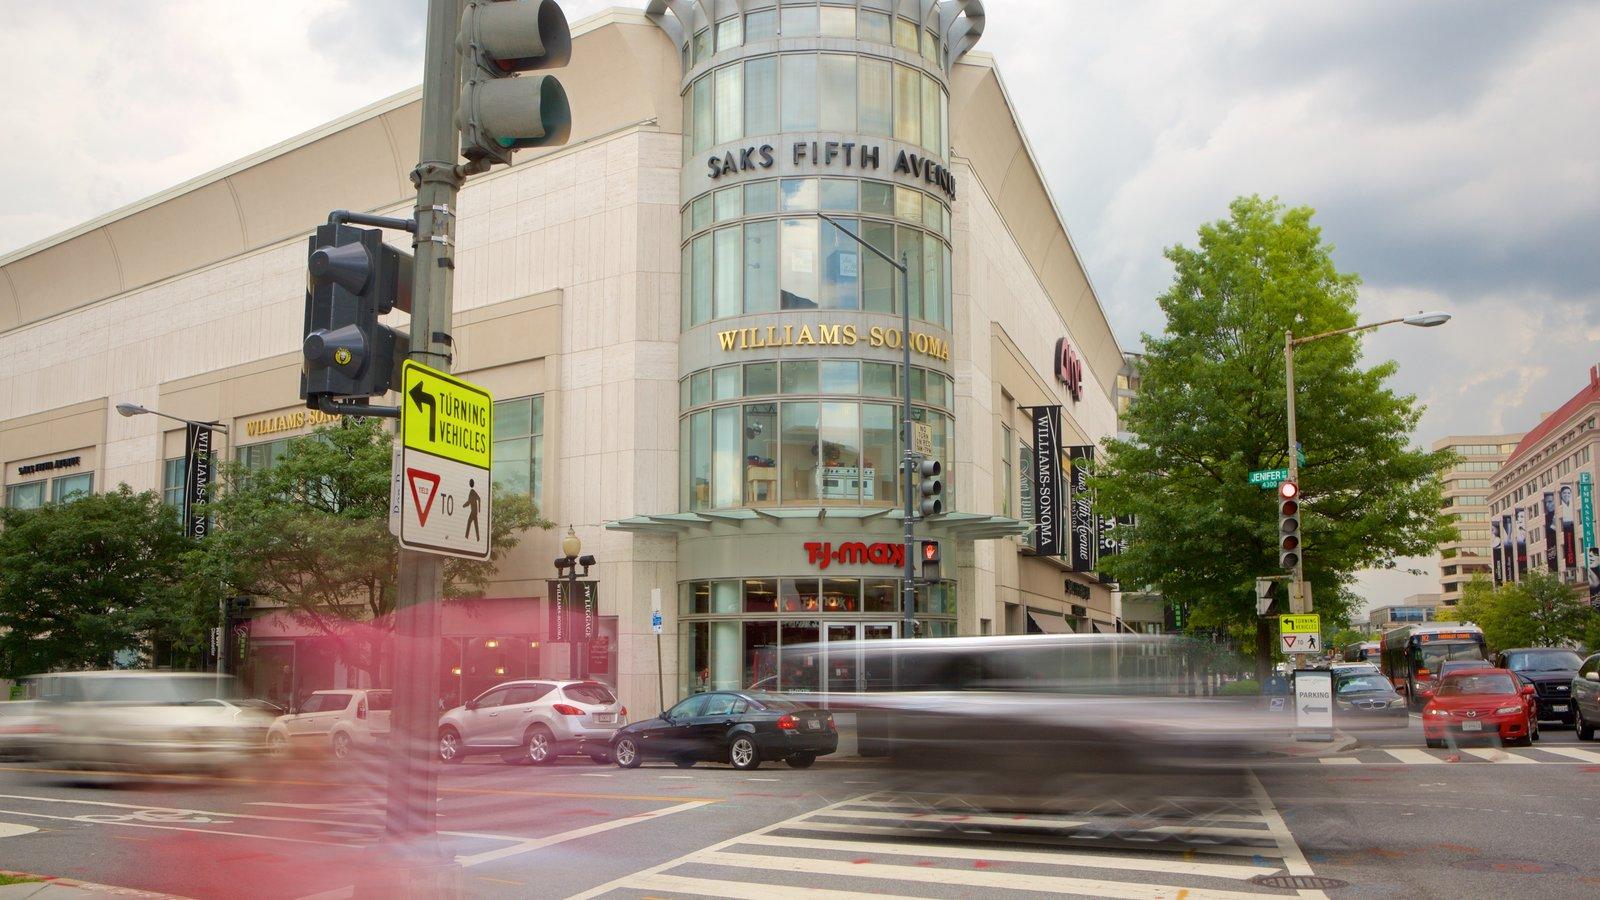 Friendship Heights caracterizando sinalização, compras e cenas de rua